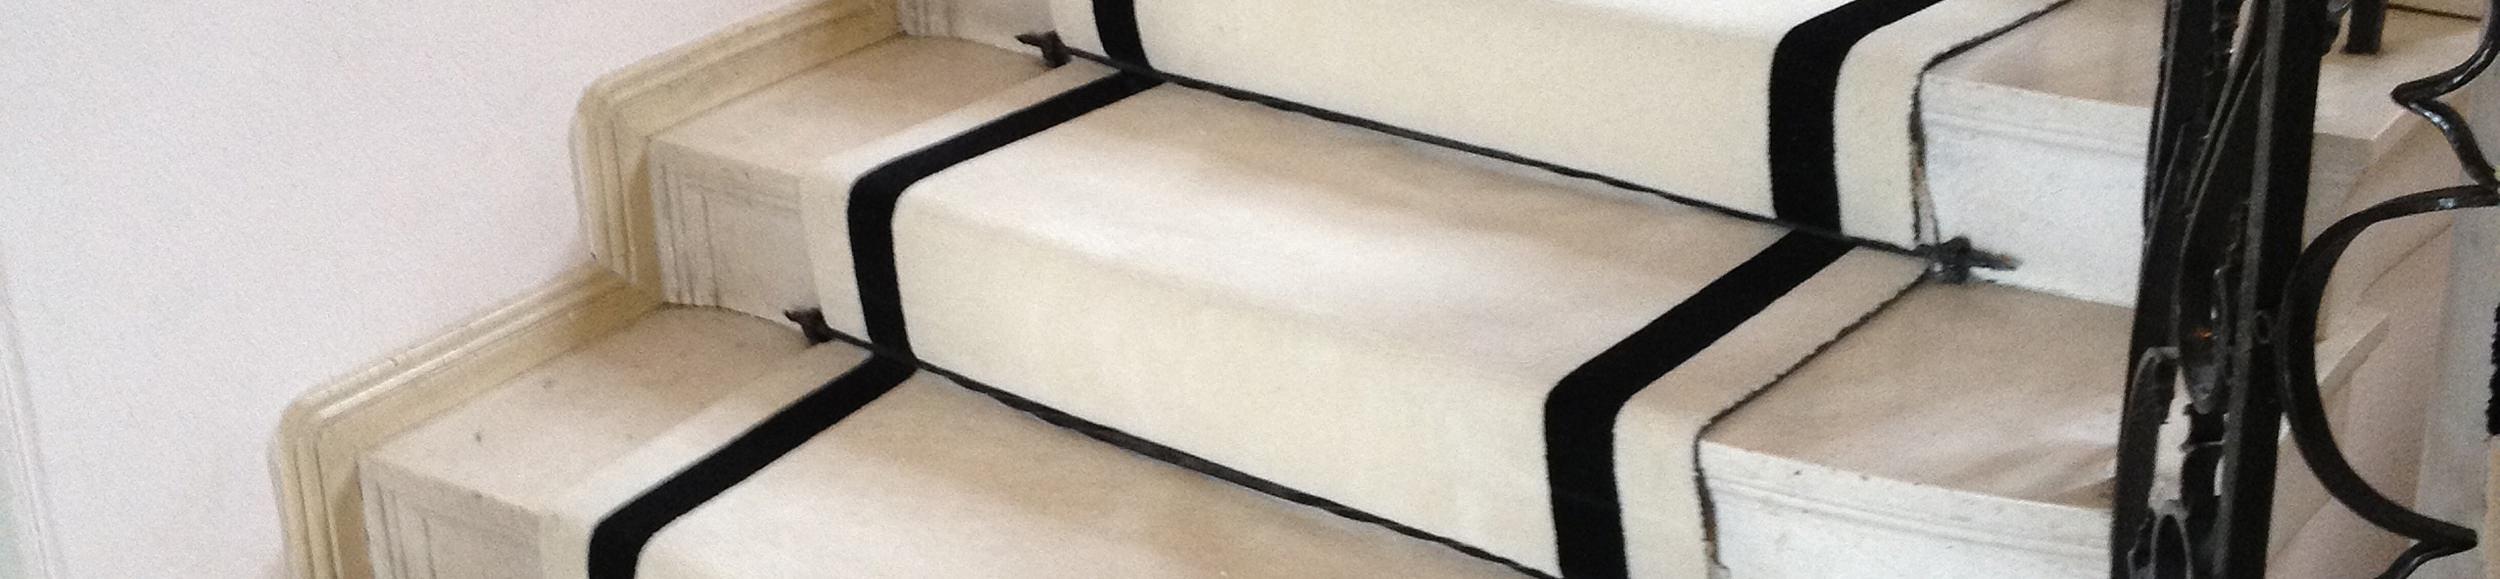 Parkett und Teppich verlegen mit Präzision und Fachkenntnis ...